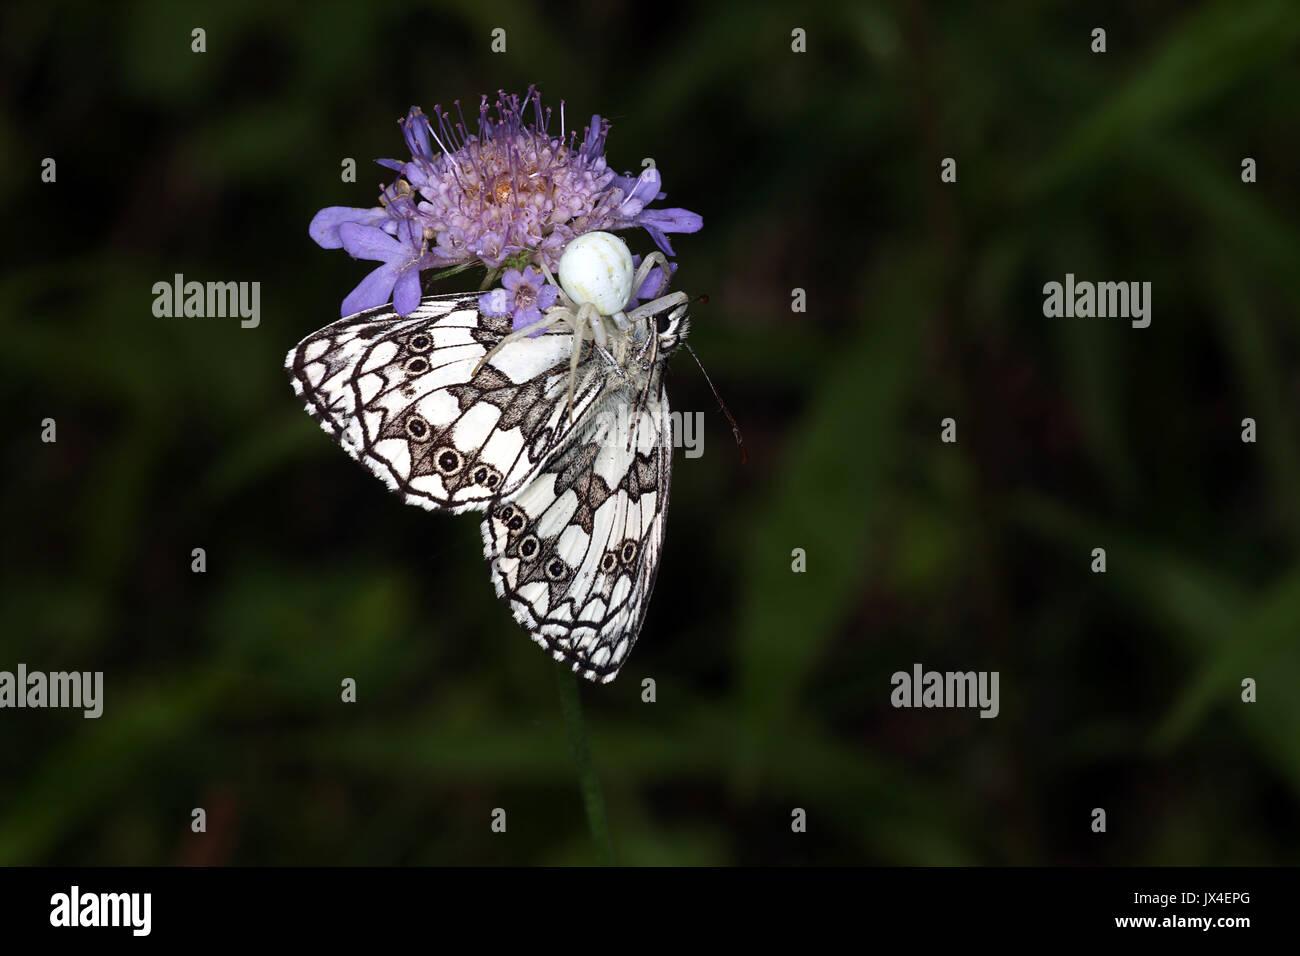 Araignée crabe attraper un papillon blanc marbré Banque D'Images